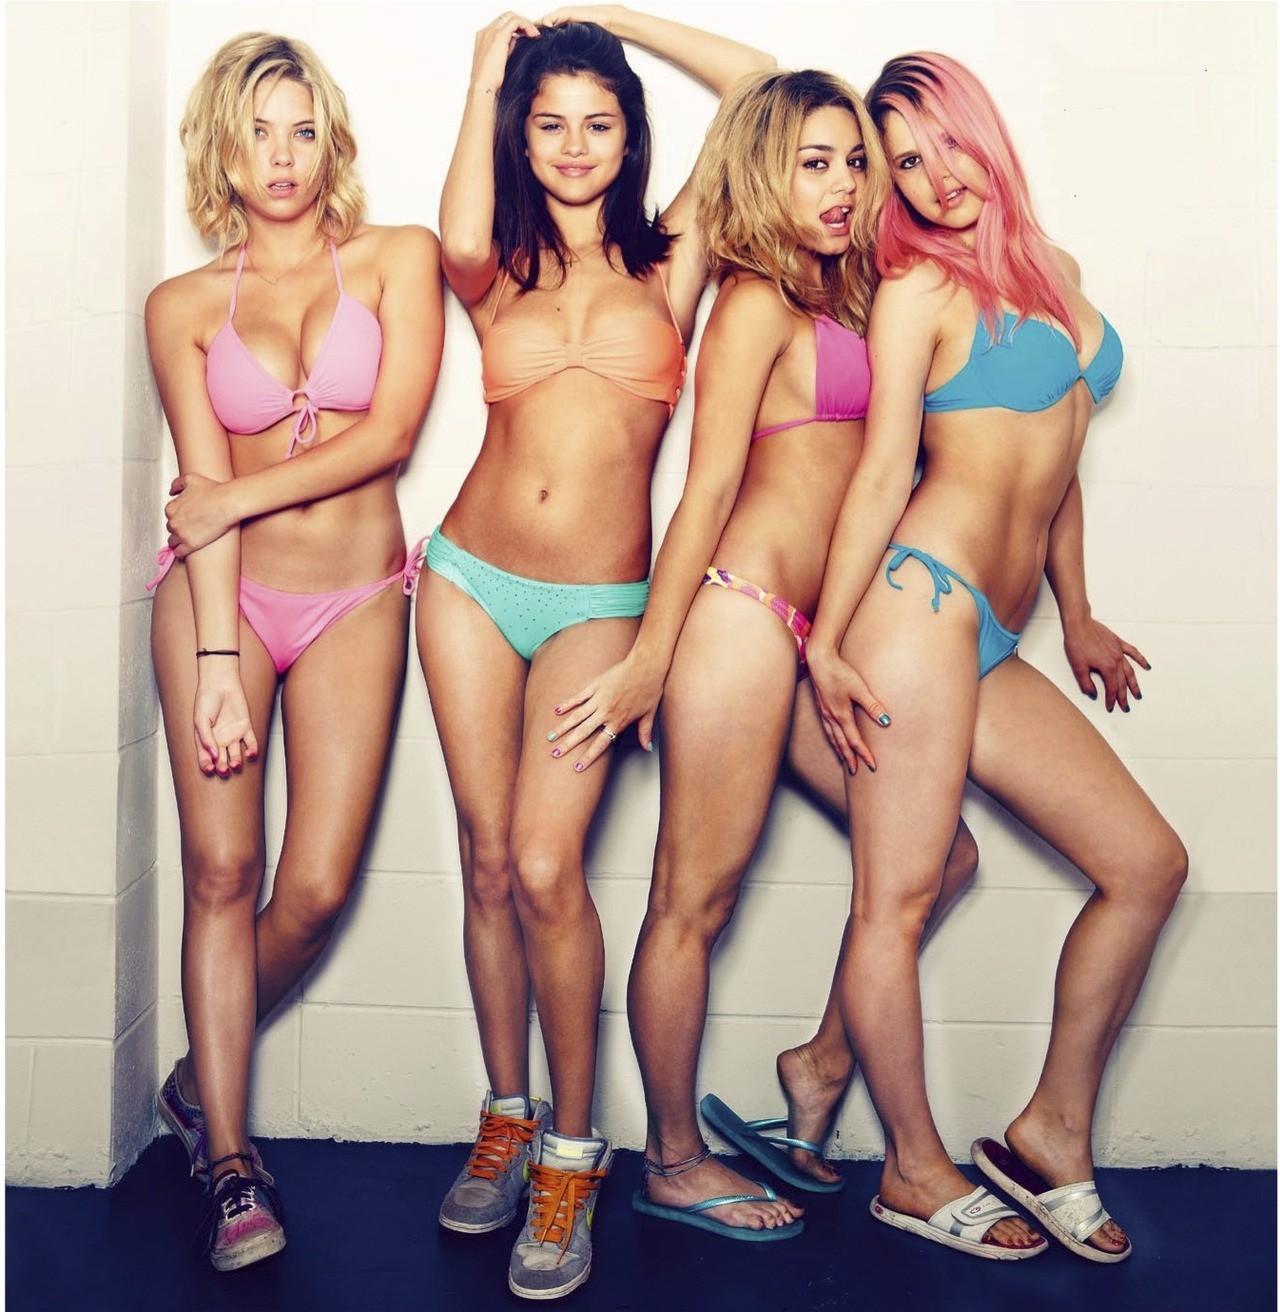 Русские молодые девочки голышом смотреть бесплатно 15 фотография